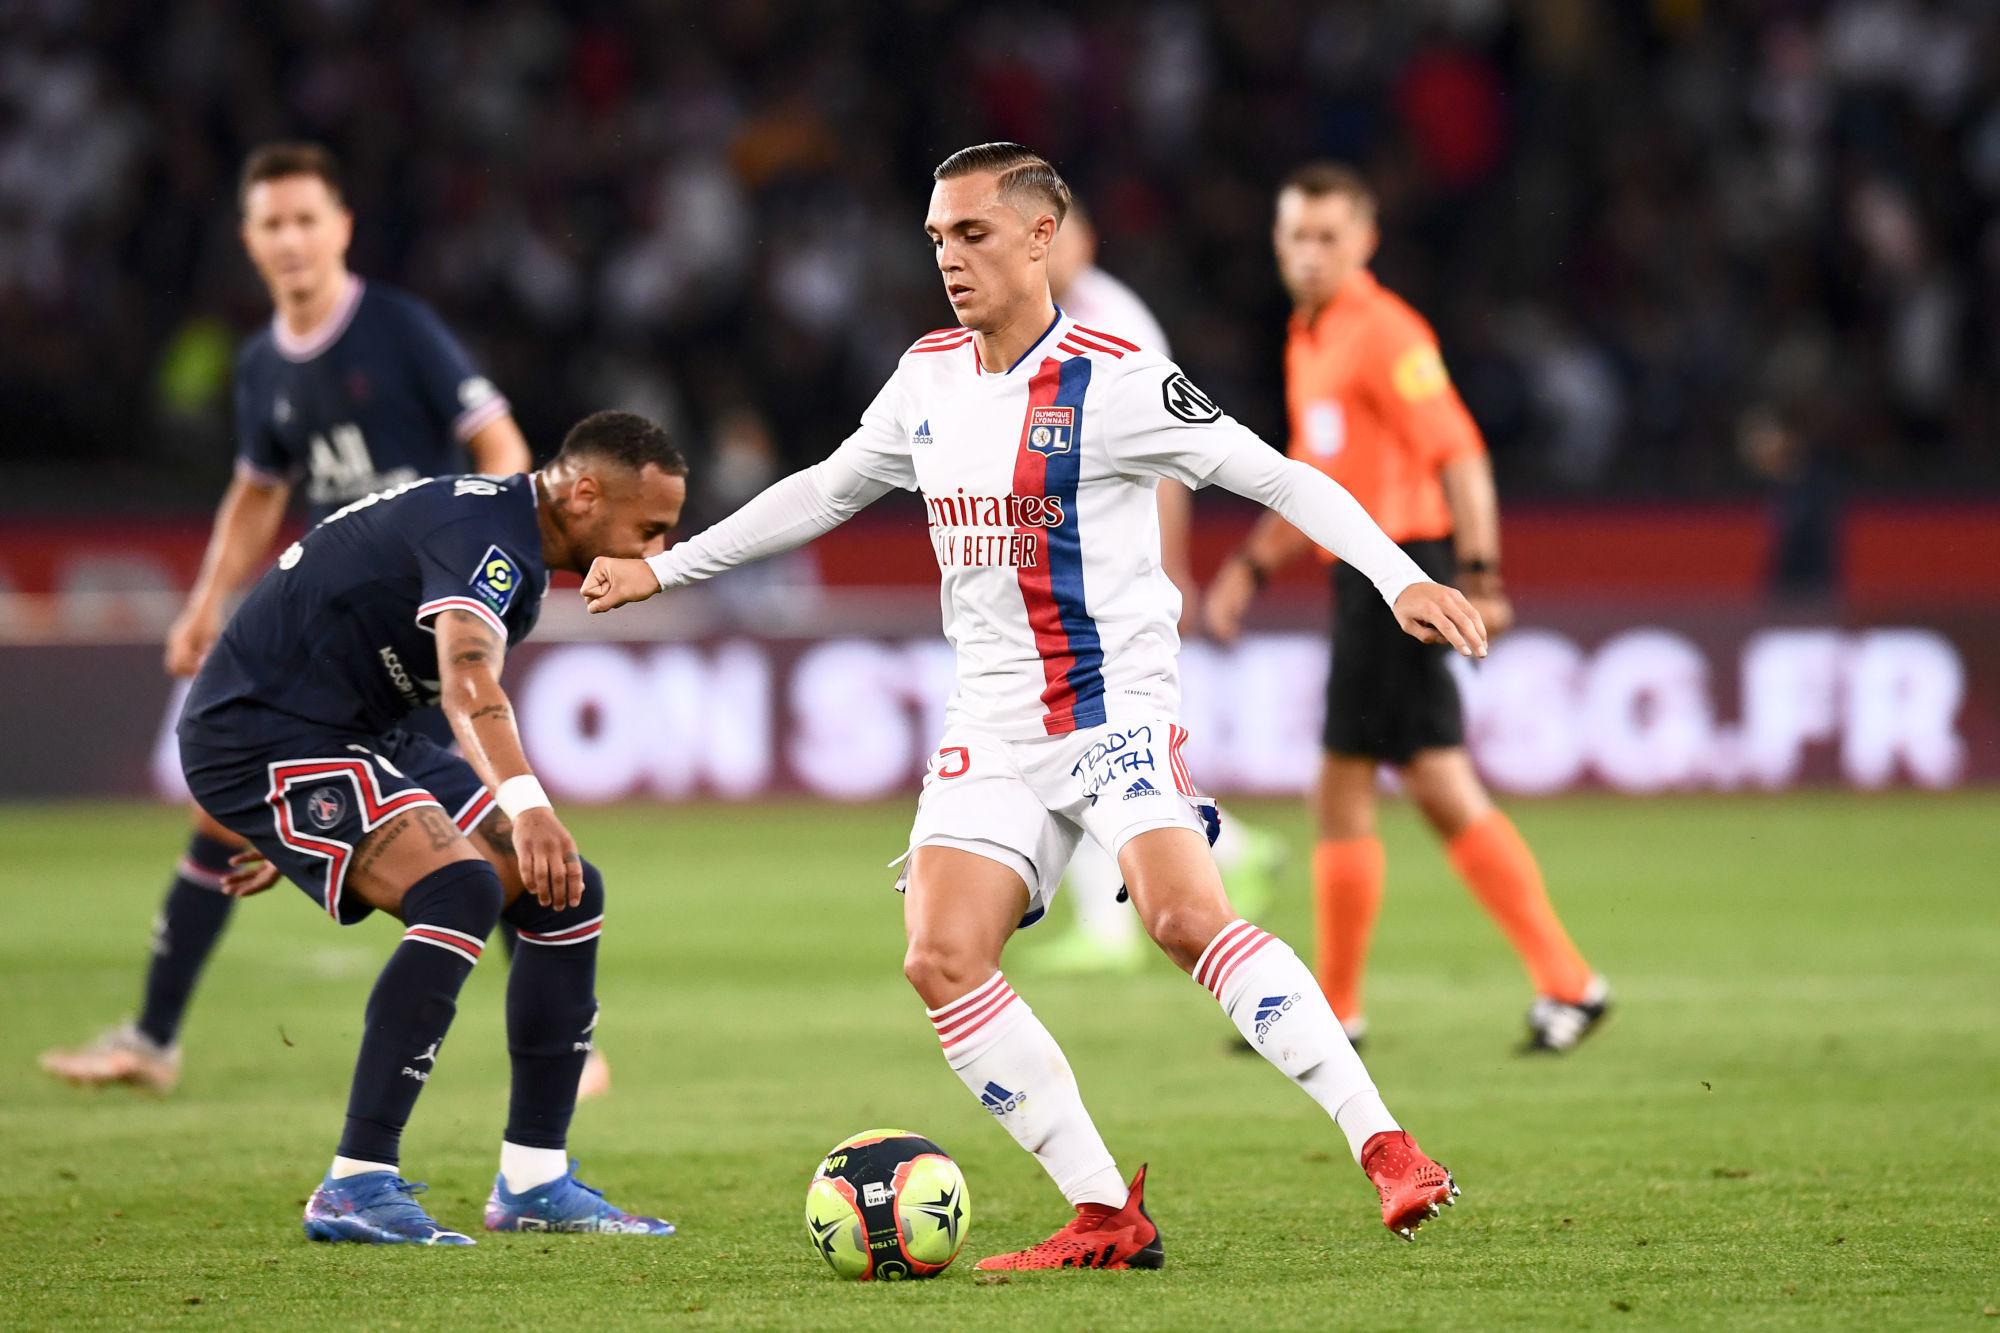 """PSG/Lyon - Caqueret """"On n'a pas su tenir le score donc c'est une grosse déception"""""""